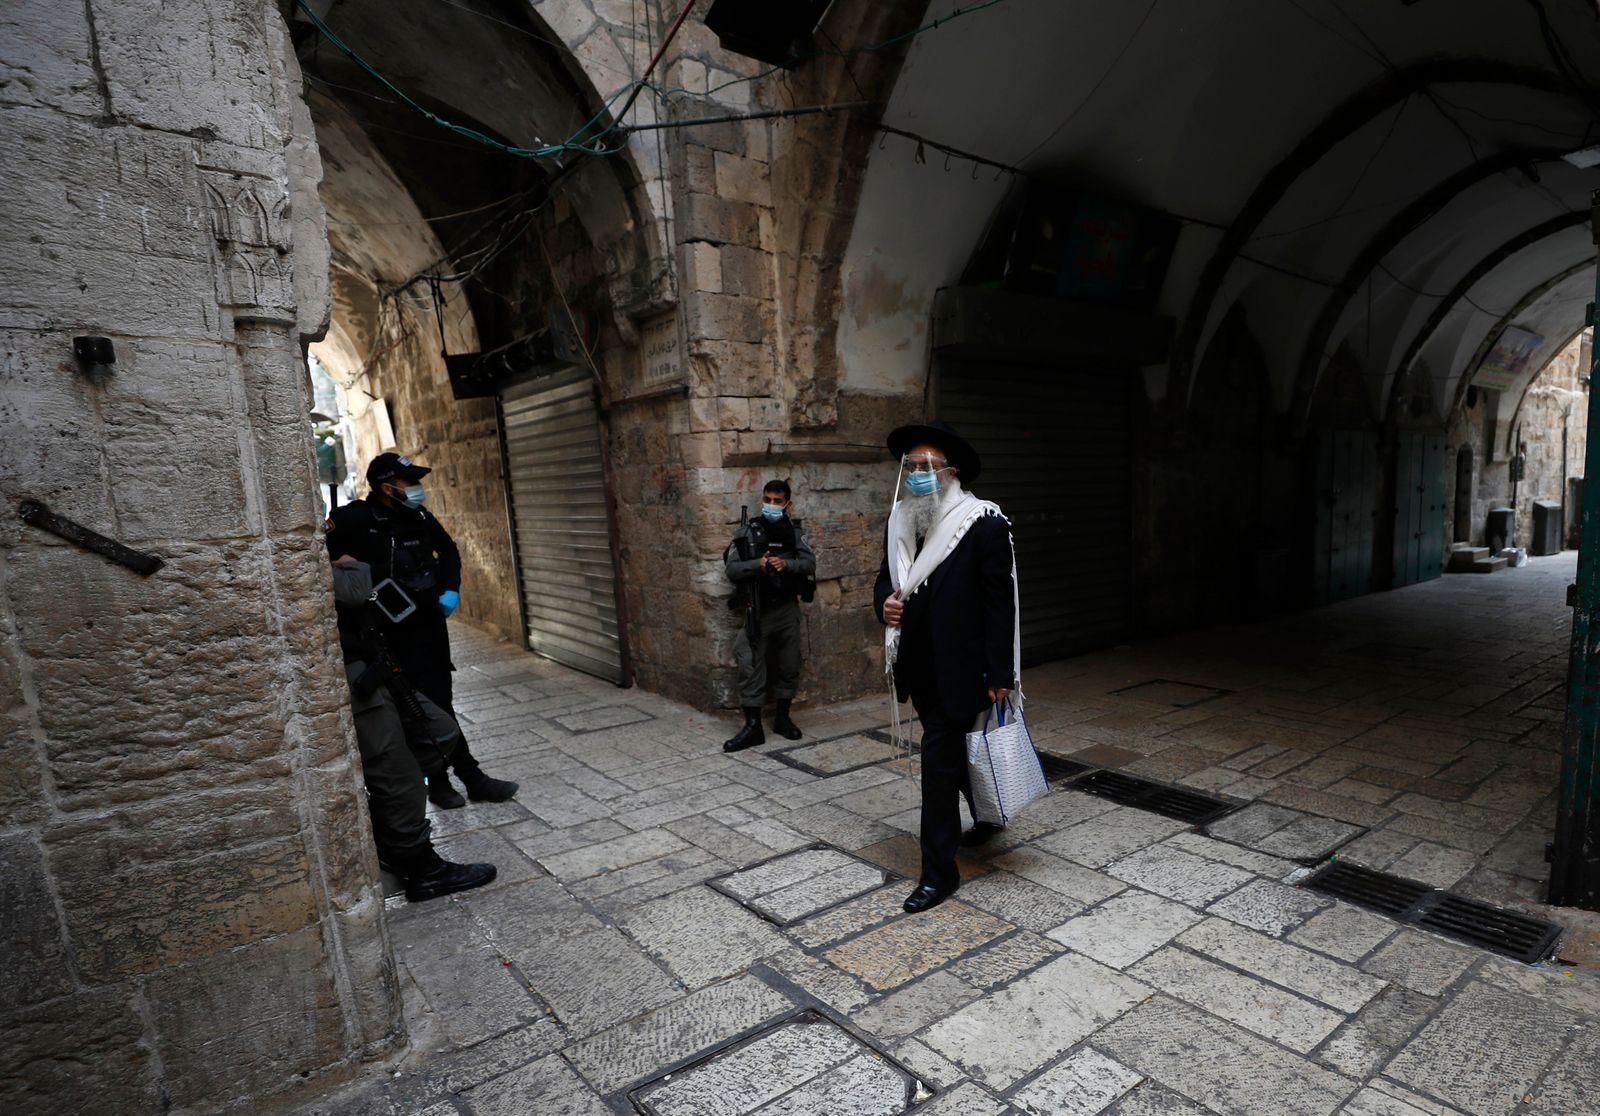 Rosh Hashanah prayers amid coronavirus pandemic in Jerusalem, Israel - 20 Sep 2020